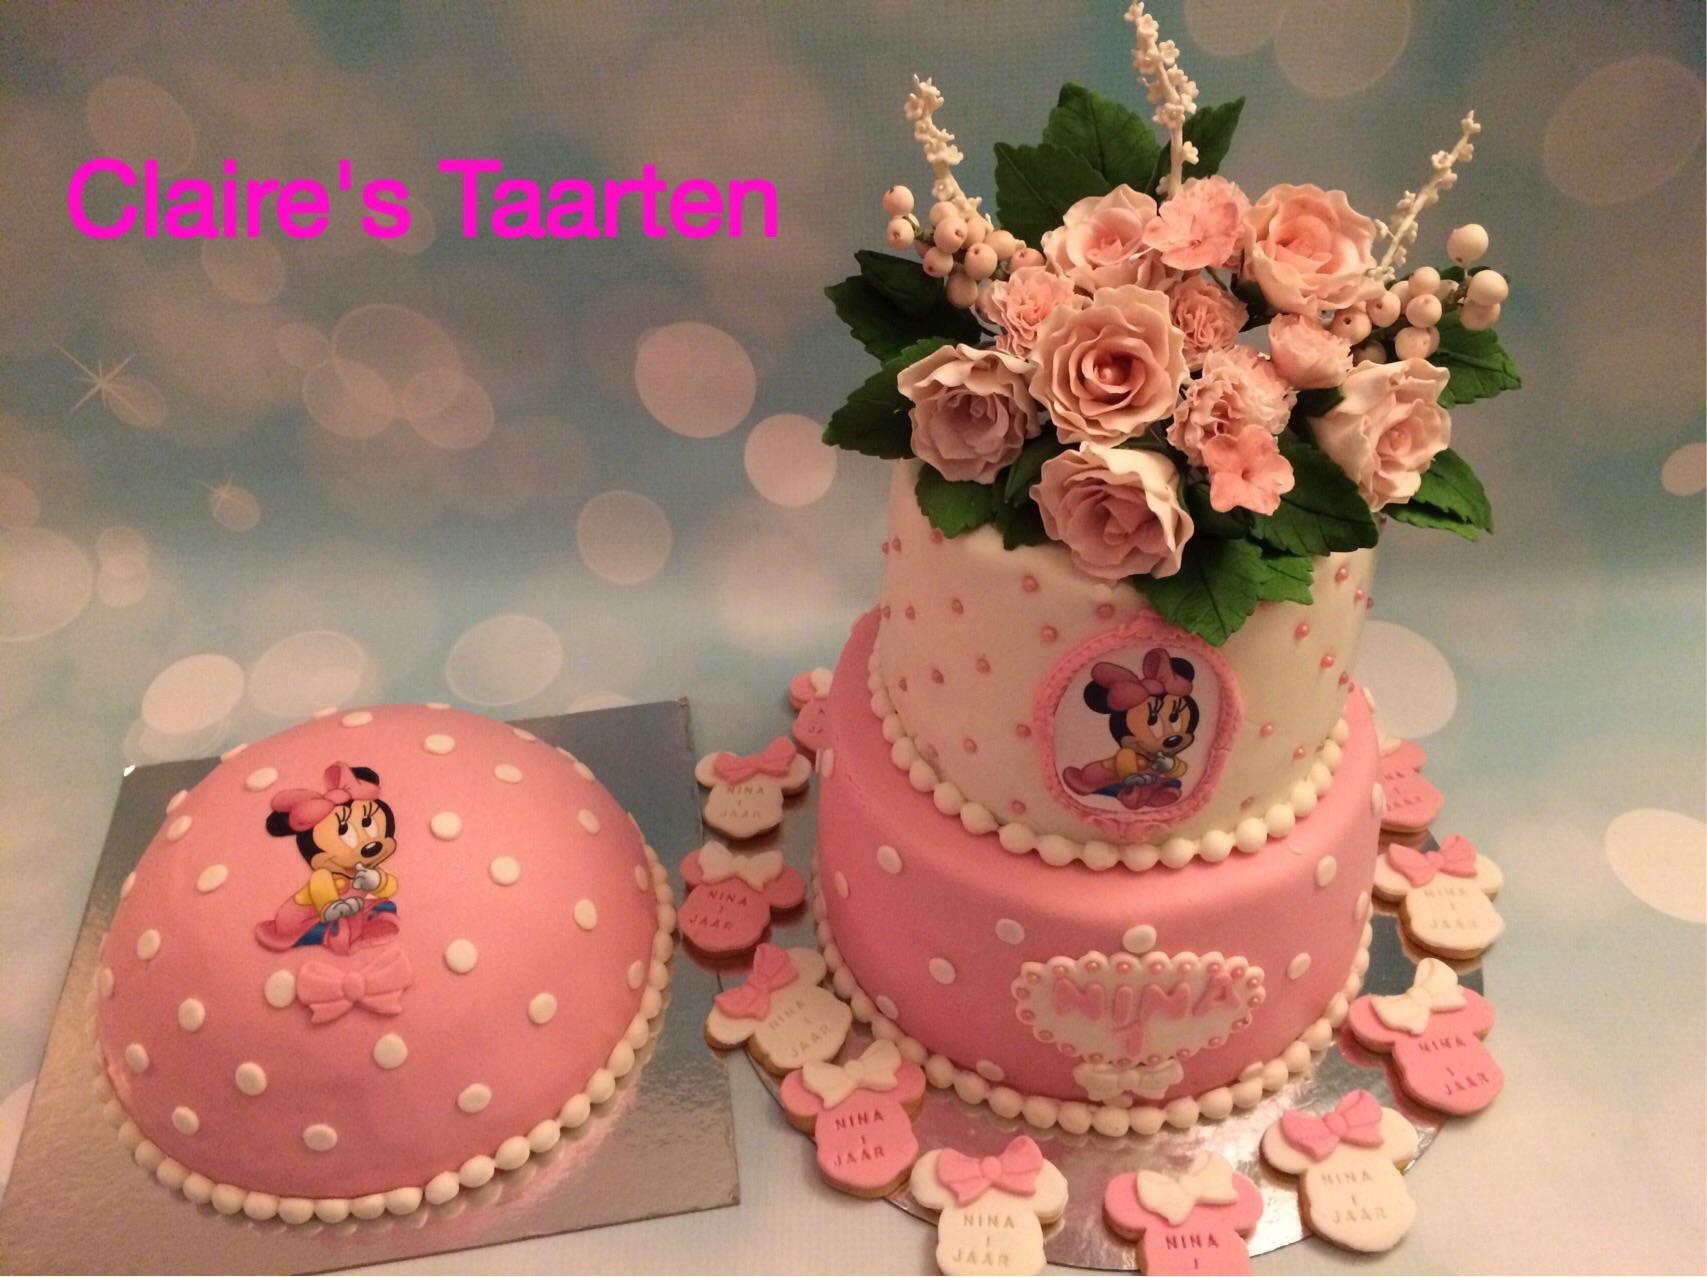 Eetbare bloemen , fondant bloemen , sugarflowers , kindertaart , taart 1 jaar , Minie Mouse taart , taart Rotterdam , Minie Mouse taart Rotterdam ,